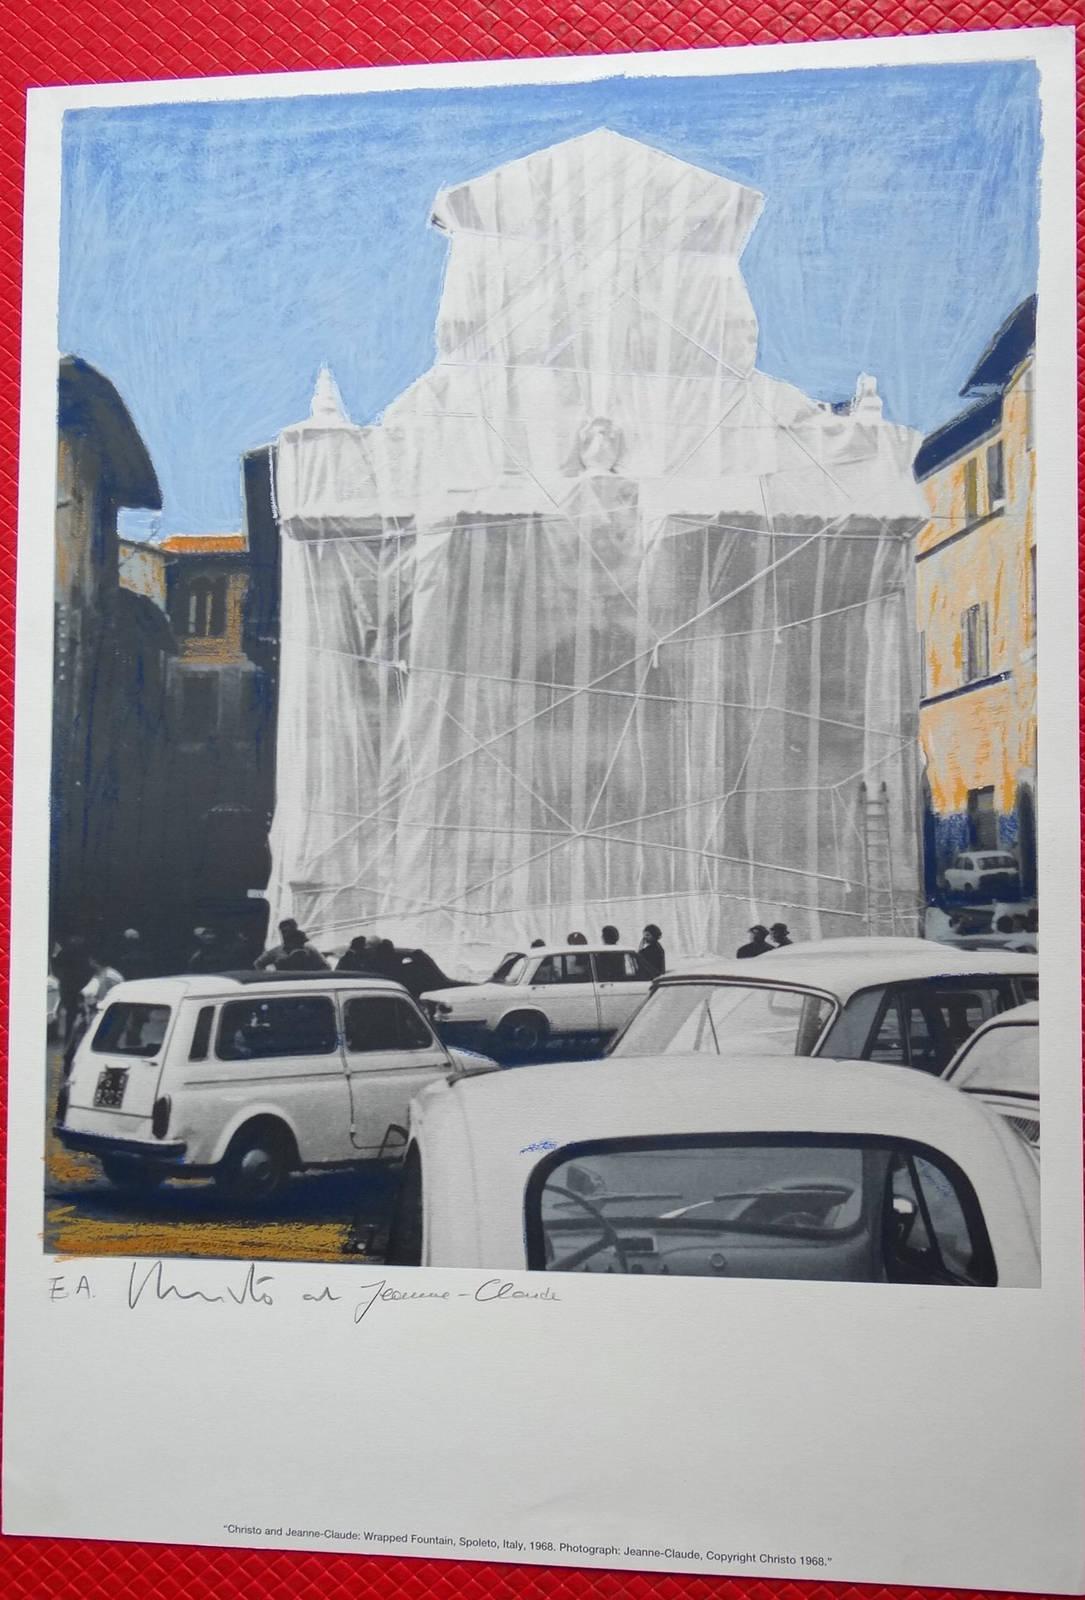 Christo Wrapped Fountain